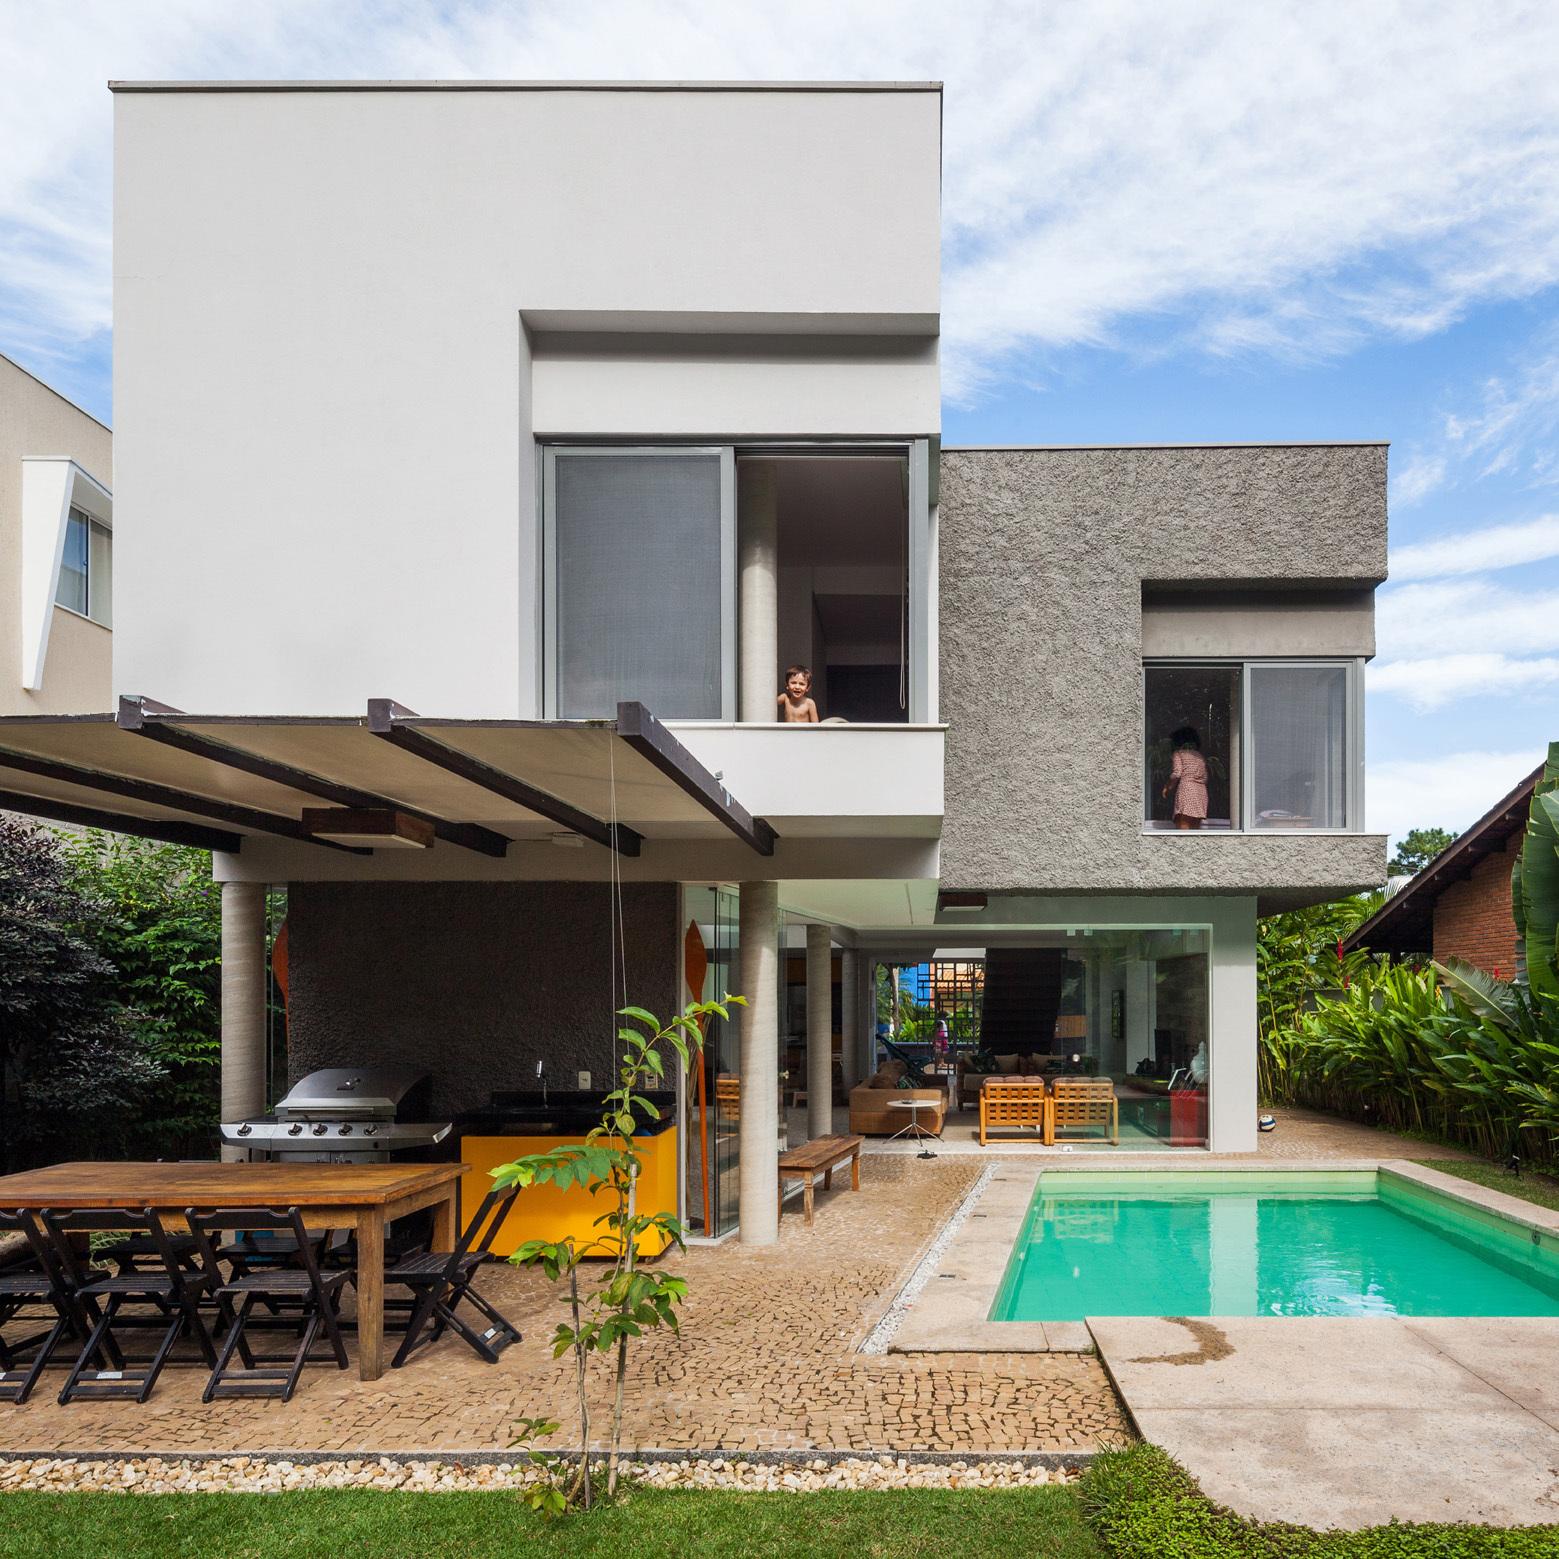 Casa campanella campanella arquitetura archdaily for Casa minimalista haedo